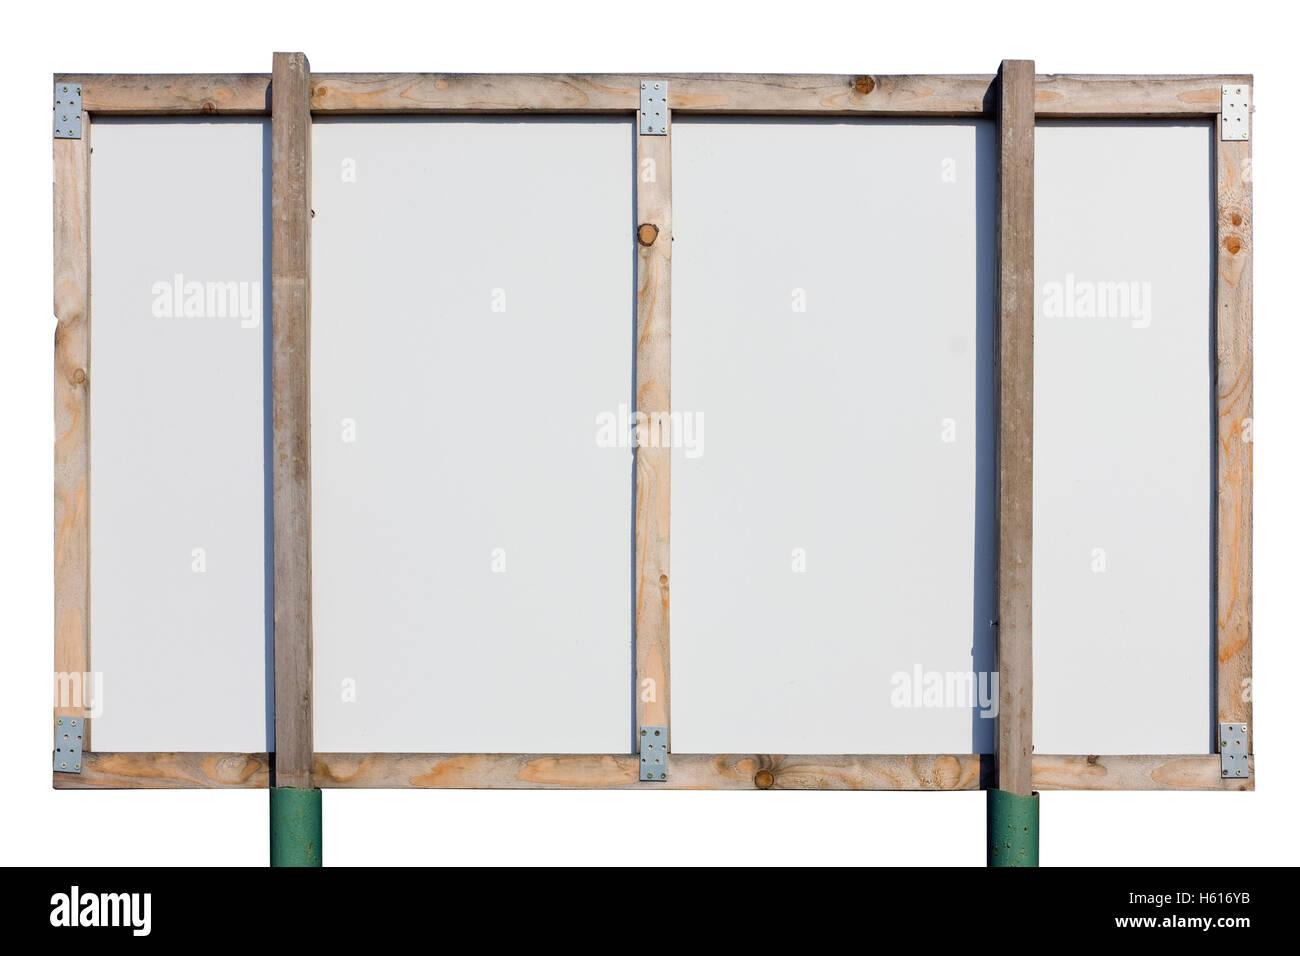 Rückseite Des Großen Ländlichen Plakatwand Banner Aus Weiß